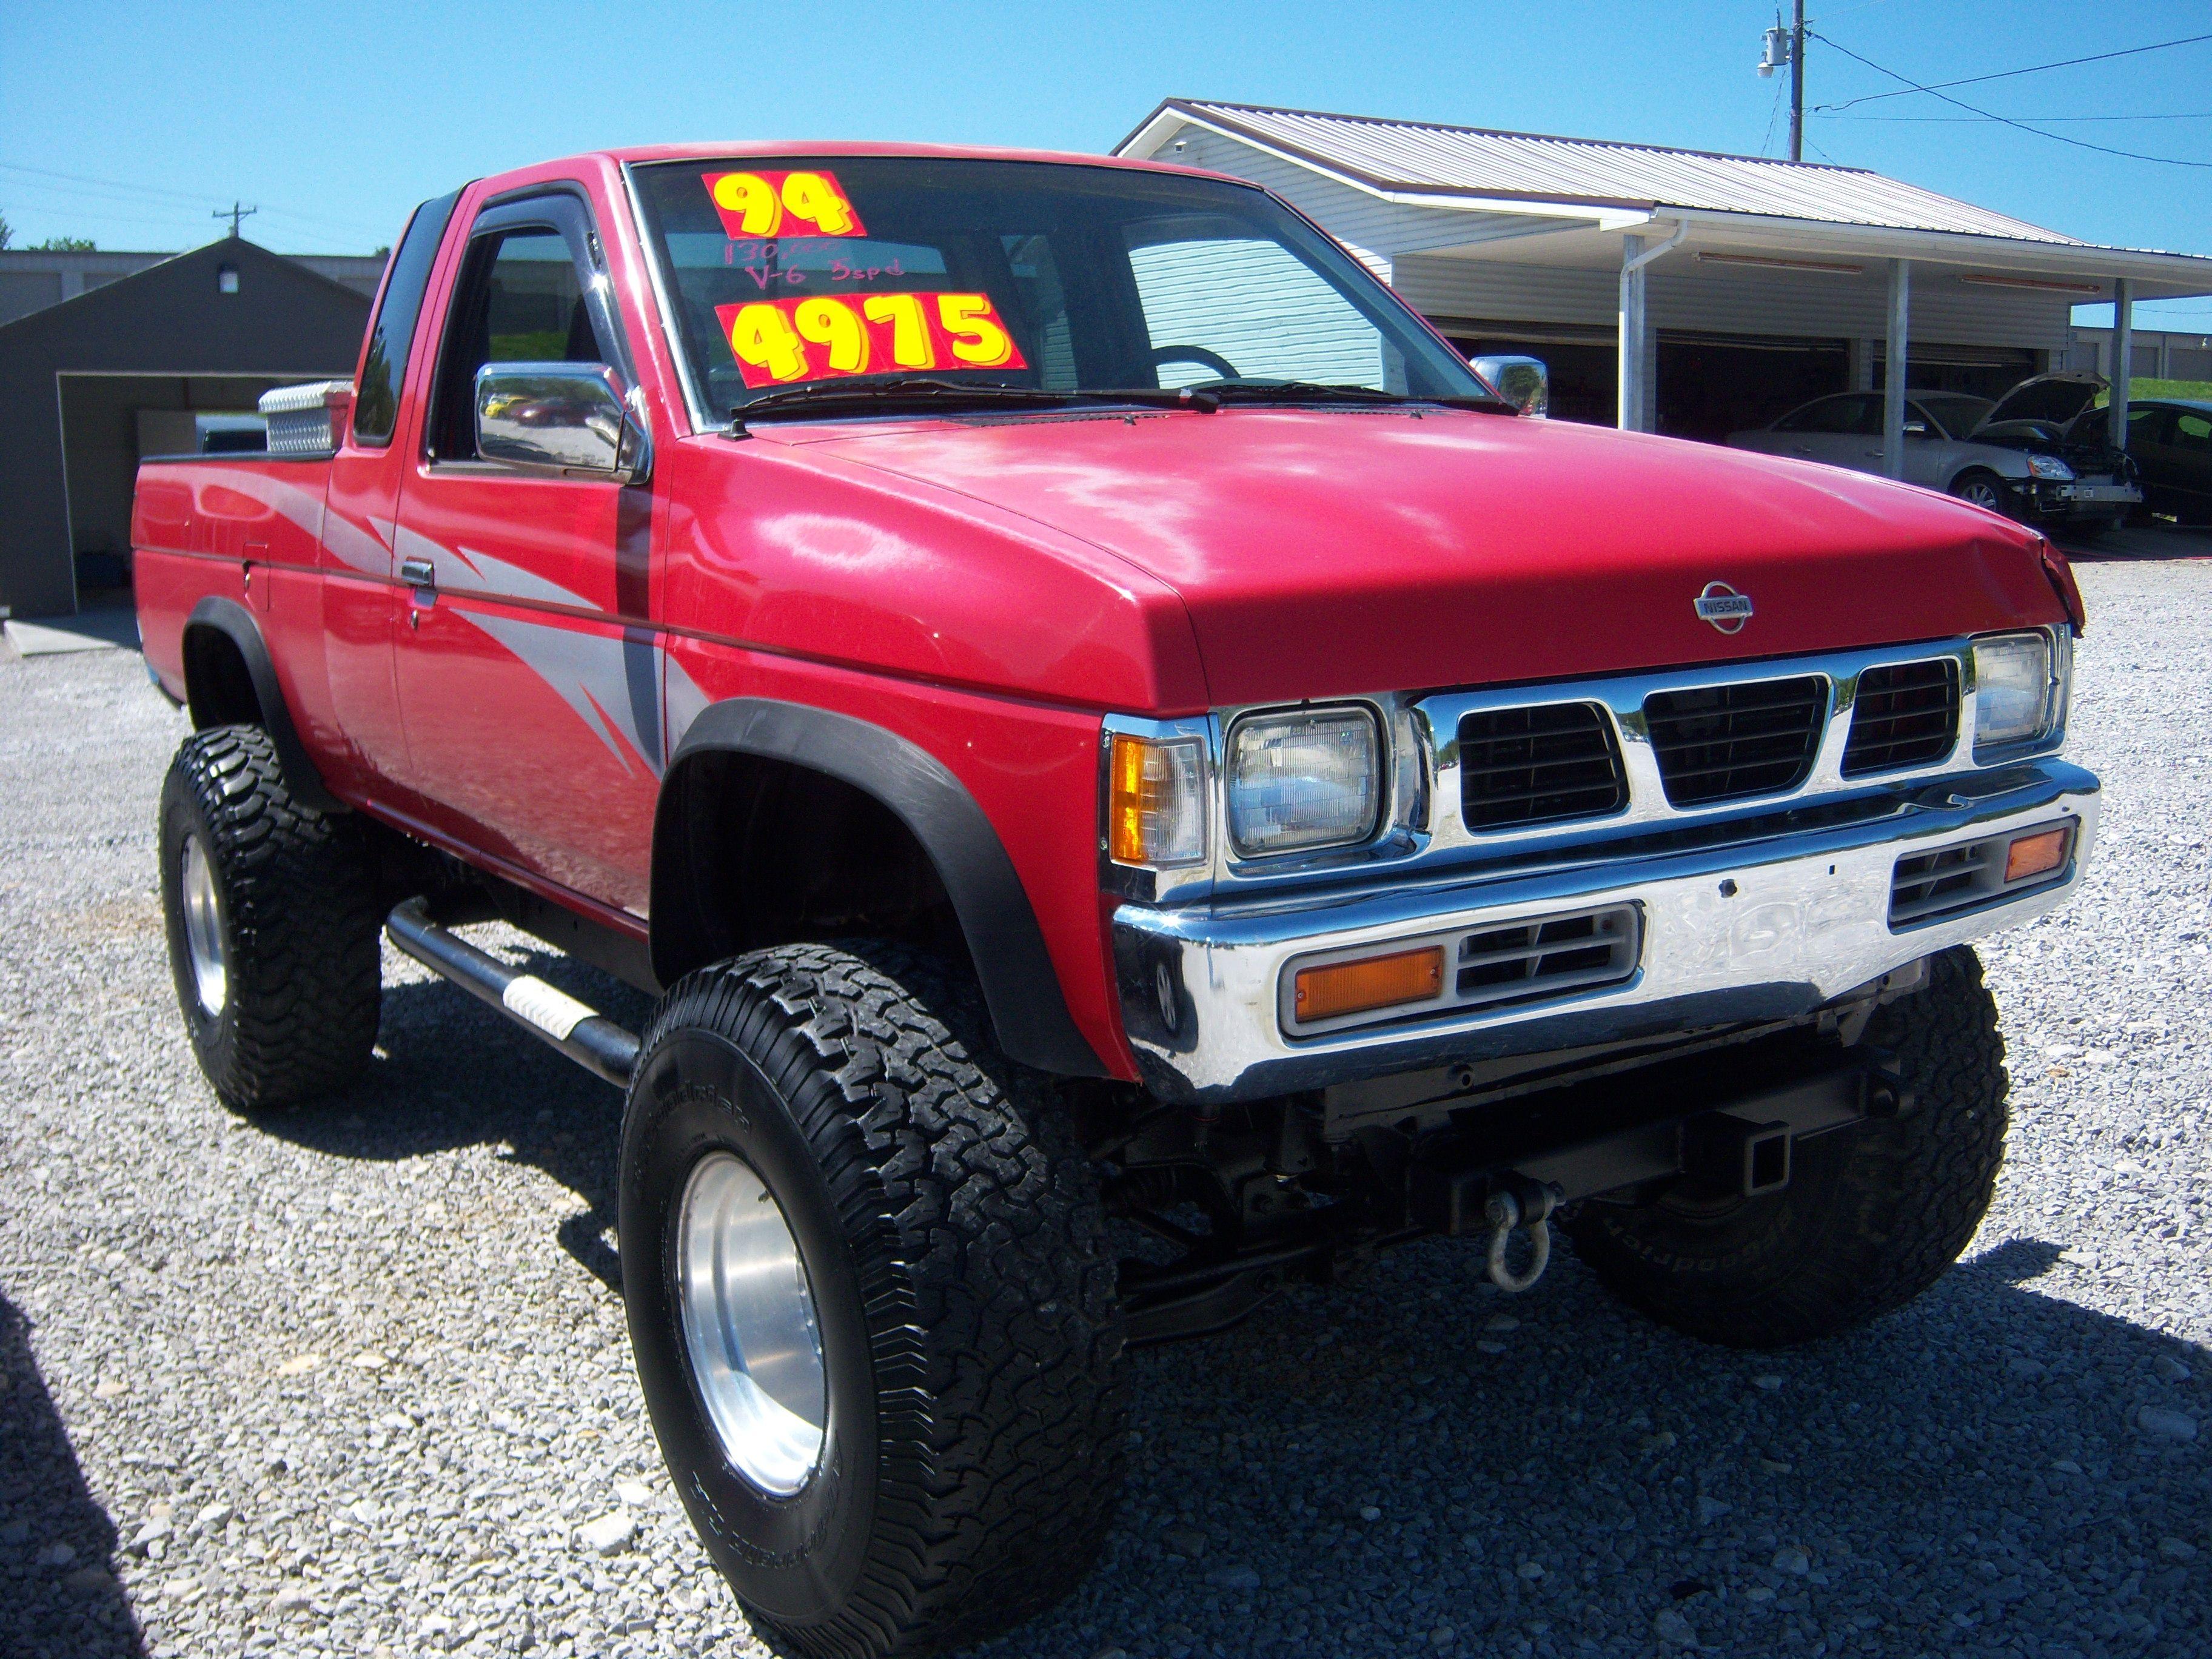 1994 Nissan 4x4 Se V6 Needs Paint But Stil Looks Good I Love These Little Hard Body Trucks